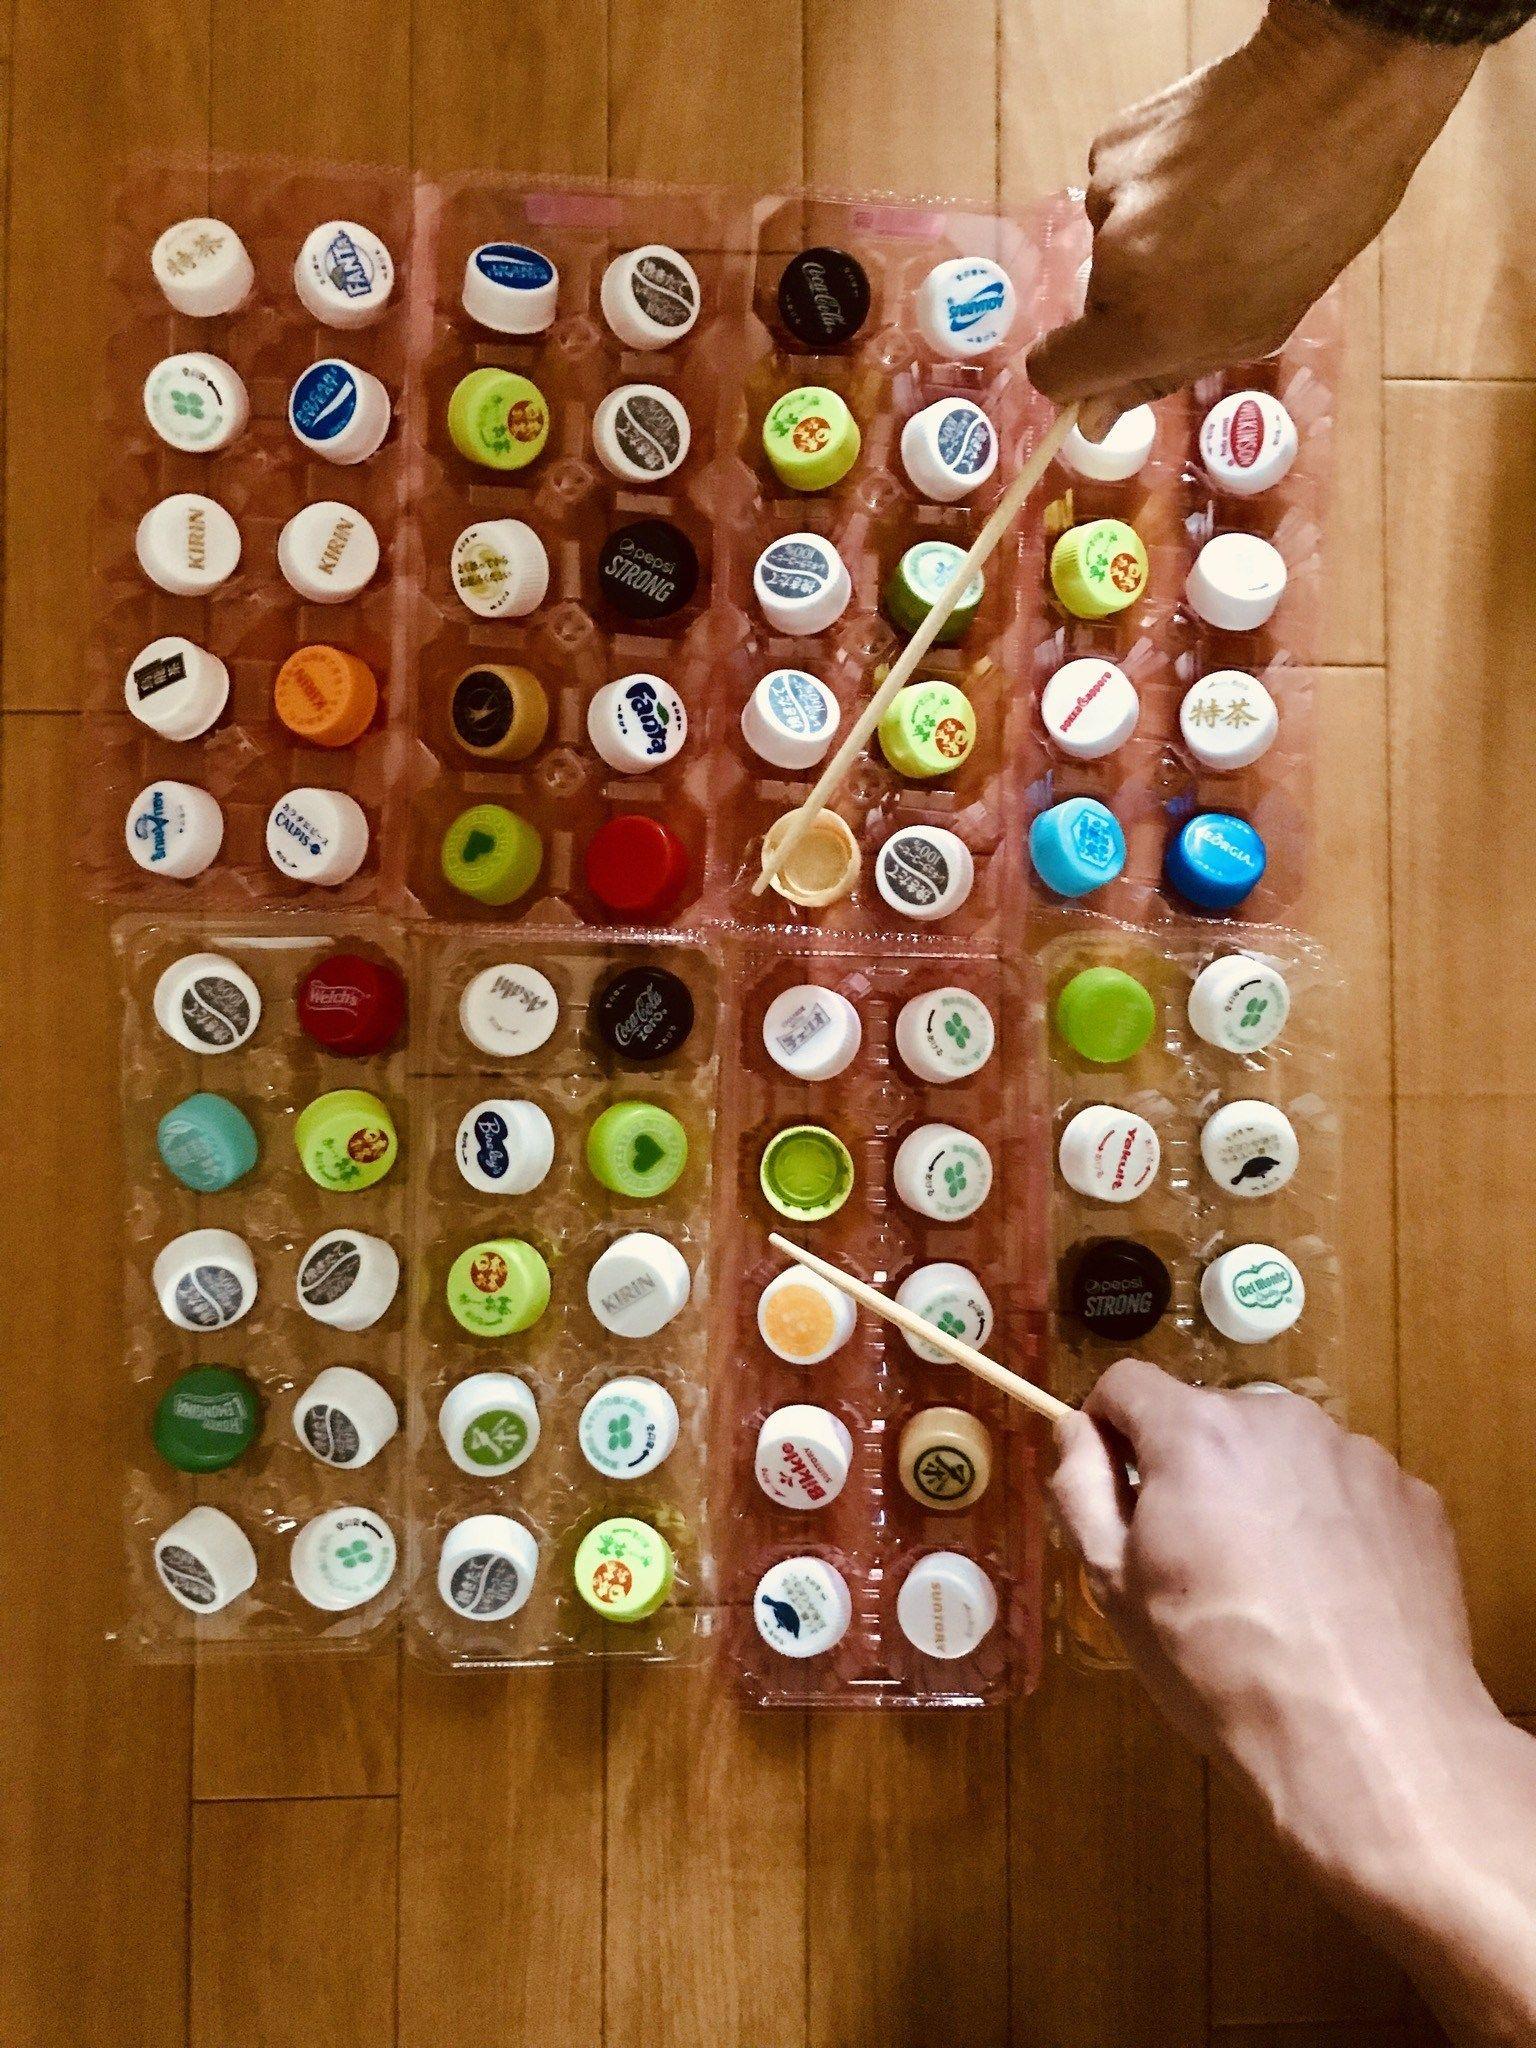 高齢者 在宅介護 レクリエーション ペットボトルキャップと卵のパックと割りばしを使って 80個たこ焼きゲーム に挑戦してみた Chibiikeレク 手作りゲーム 敬老の日 カード ペットボトルのキャップ